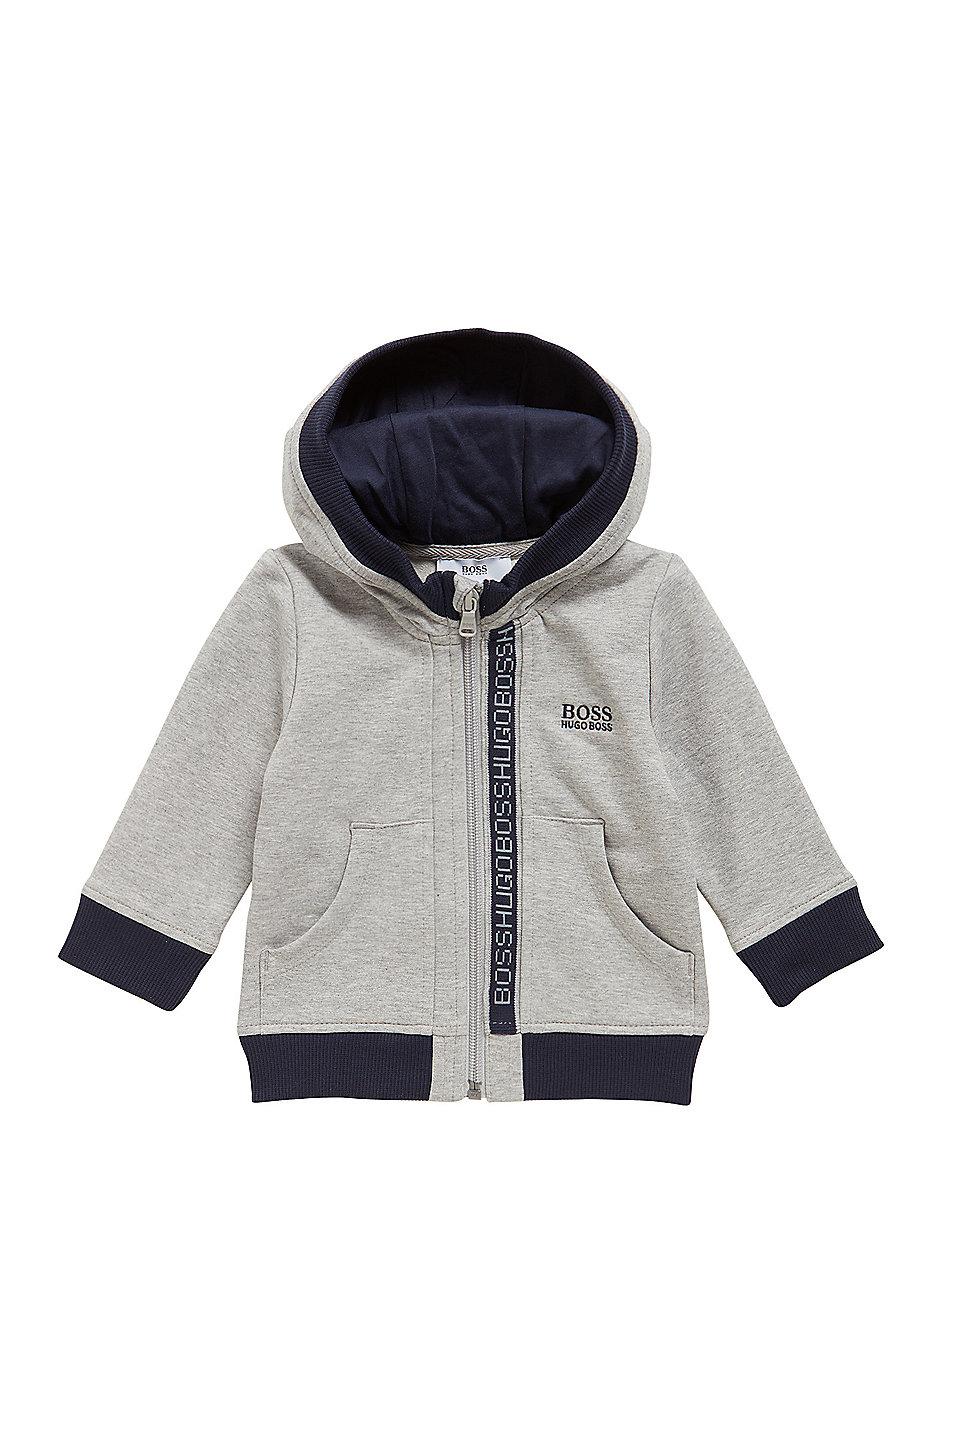 29443ac35953 BOSS - Kids  zip-through sweatshirt in cotton fleece